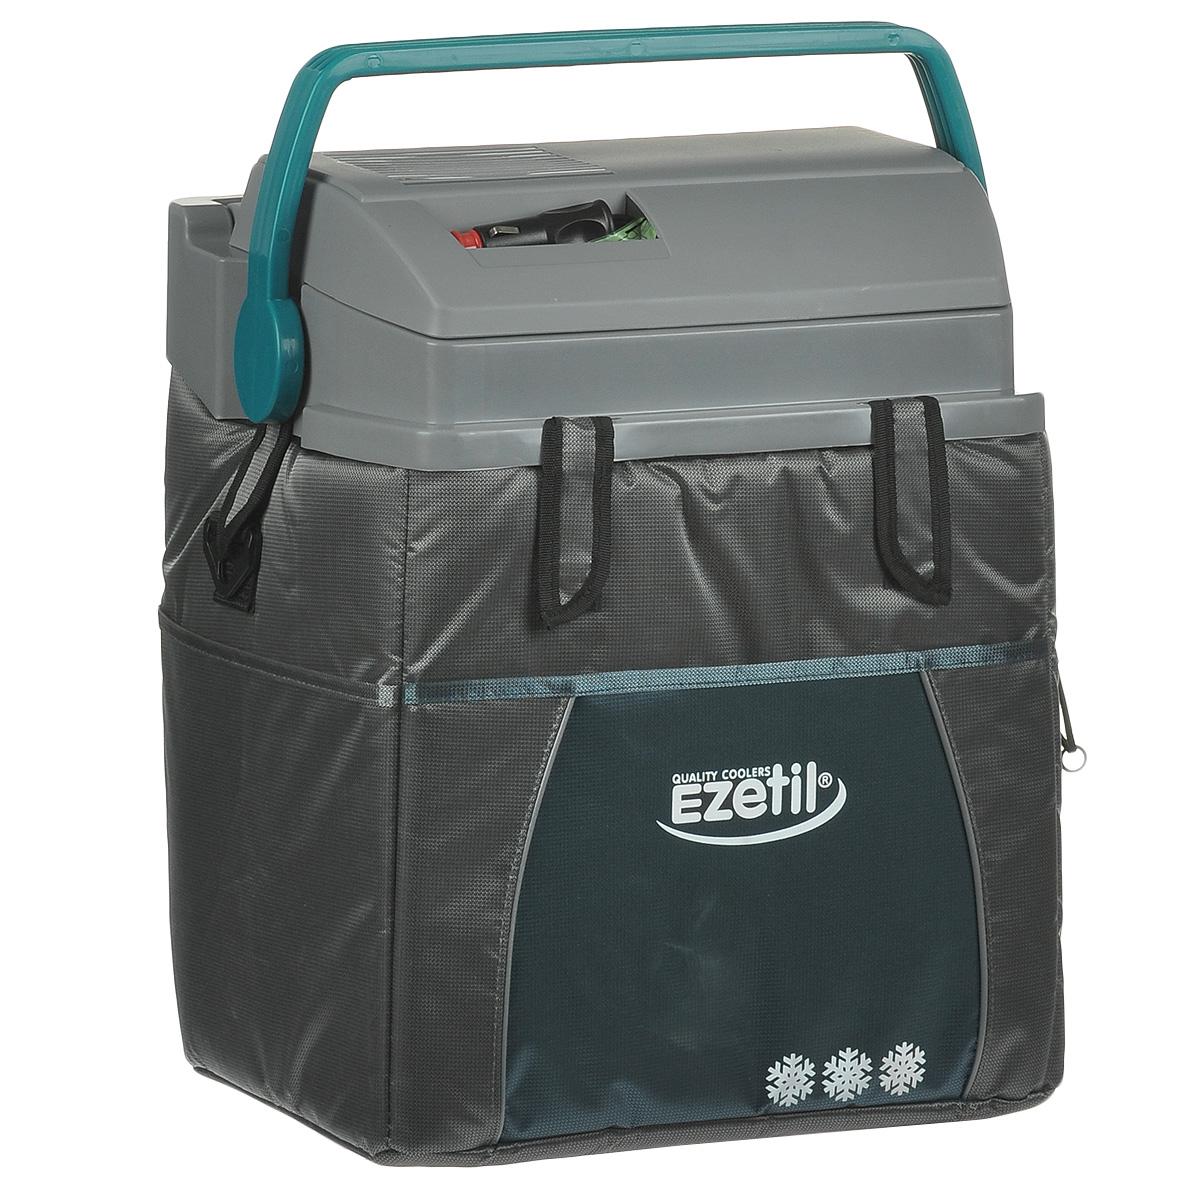 Термоэлектрический контейнер охлаждения Ezetil ESC 21 12V, цвет: серый, 19,6 л9103500790Термоэлектрический контейнер охлаждения Ezetil предназначен для использования в салоне автомобиля в качестве портативного холодильника. Контейнер выполнен из высококачественного пластика, корпус гладкий, эргономичного дизайна, ударопрочный; отделан прочной, легко моющейся тканью с боковыми карманами. Принцип действия термоэлектрического контейнера (холодильника) основан на свойстве полупроводниковых пластин, это свойство получило название эффект Пельтье. При протекании тока через полупроводниковую пластину одна сторона ее охлаждается (этой стороной пластина обращена внутрь контейнера), другая сторона - нагревается (эта сторона обращена наружу и охлаждается вентилятором). Дополнительный внутренний вентилятор в холодильной камере обеспечивает быстрое и равномерное охлаждение. Мощная, не нуждающаяся в техобслуживании охлаждающая система Peltier гарантирует оптимальную мощность охлаждения. Модель оснащена интеллектуальной системой энергосбережения.Изоляция с наполнителем из пеноматериала поддерживает в холодном состоянии пищу и напитки в течение длительного времени в т.ч. и без подачи электроэнергии. Для повышения эффективности термоэлектрического контейнера (холодильника), а также когда он не подключен к сети (например, на даче, на пикнике) внутрь автохолодильника можно поместить аккумуляторы холода (в комплект не входят). Специальная уплотнительная резина в крышке уменьшает образование конденсата в холодильной камере. Это особенно важно при охлаждении продуктов питания. Контейнер работает от бортовой сети автомобиля 12 вольт. Шнур питания вмонтирован в специальный отсек на верхней части крышки. Контейнер имеет широко открывающуюся крышку для легкого доступа к продуктам и усиленную подвижную ручку. Крышка плотно и герметично закрывается. Контейнер очень вместительный: в него с легкостью вместятся 6 бутылок по 1,5 л или 30 алюминиевых банок по 0,33 л. Контейнер снабжен отстегивающимс